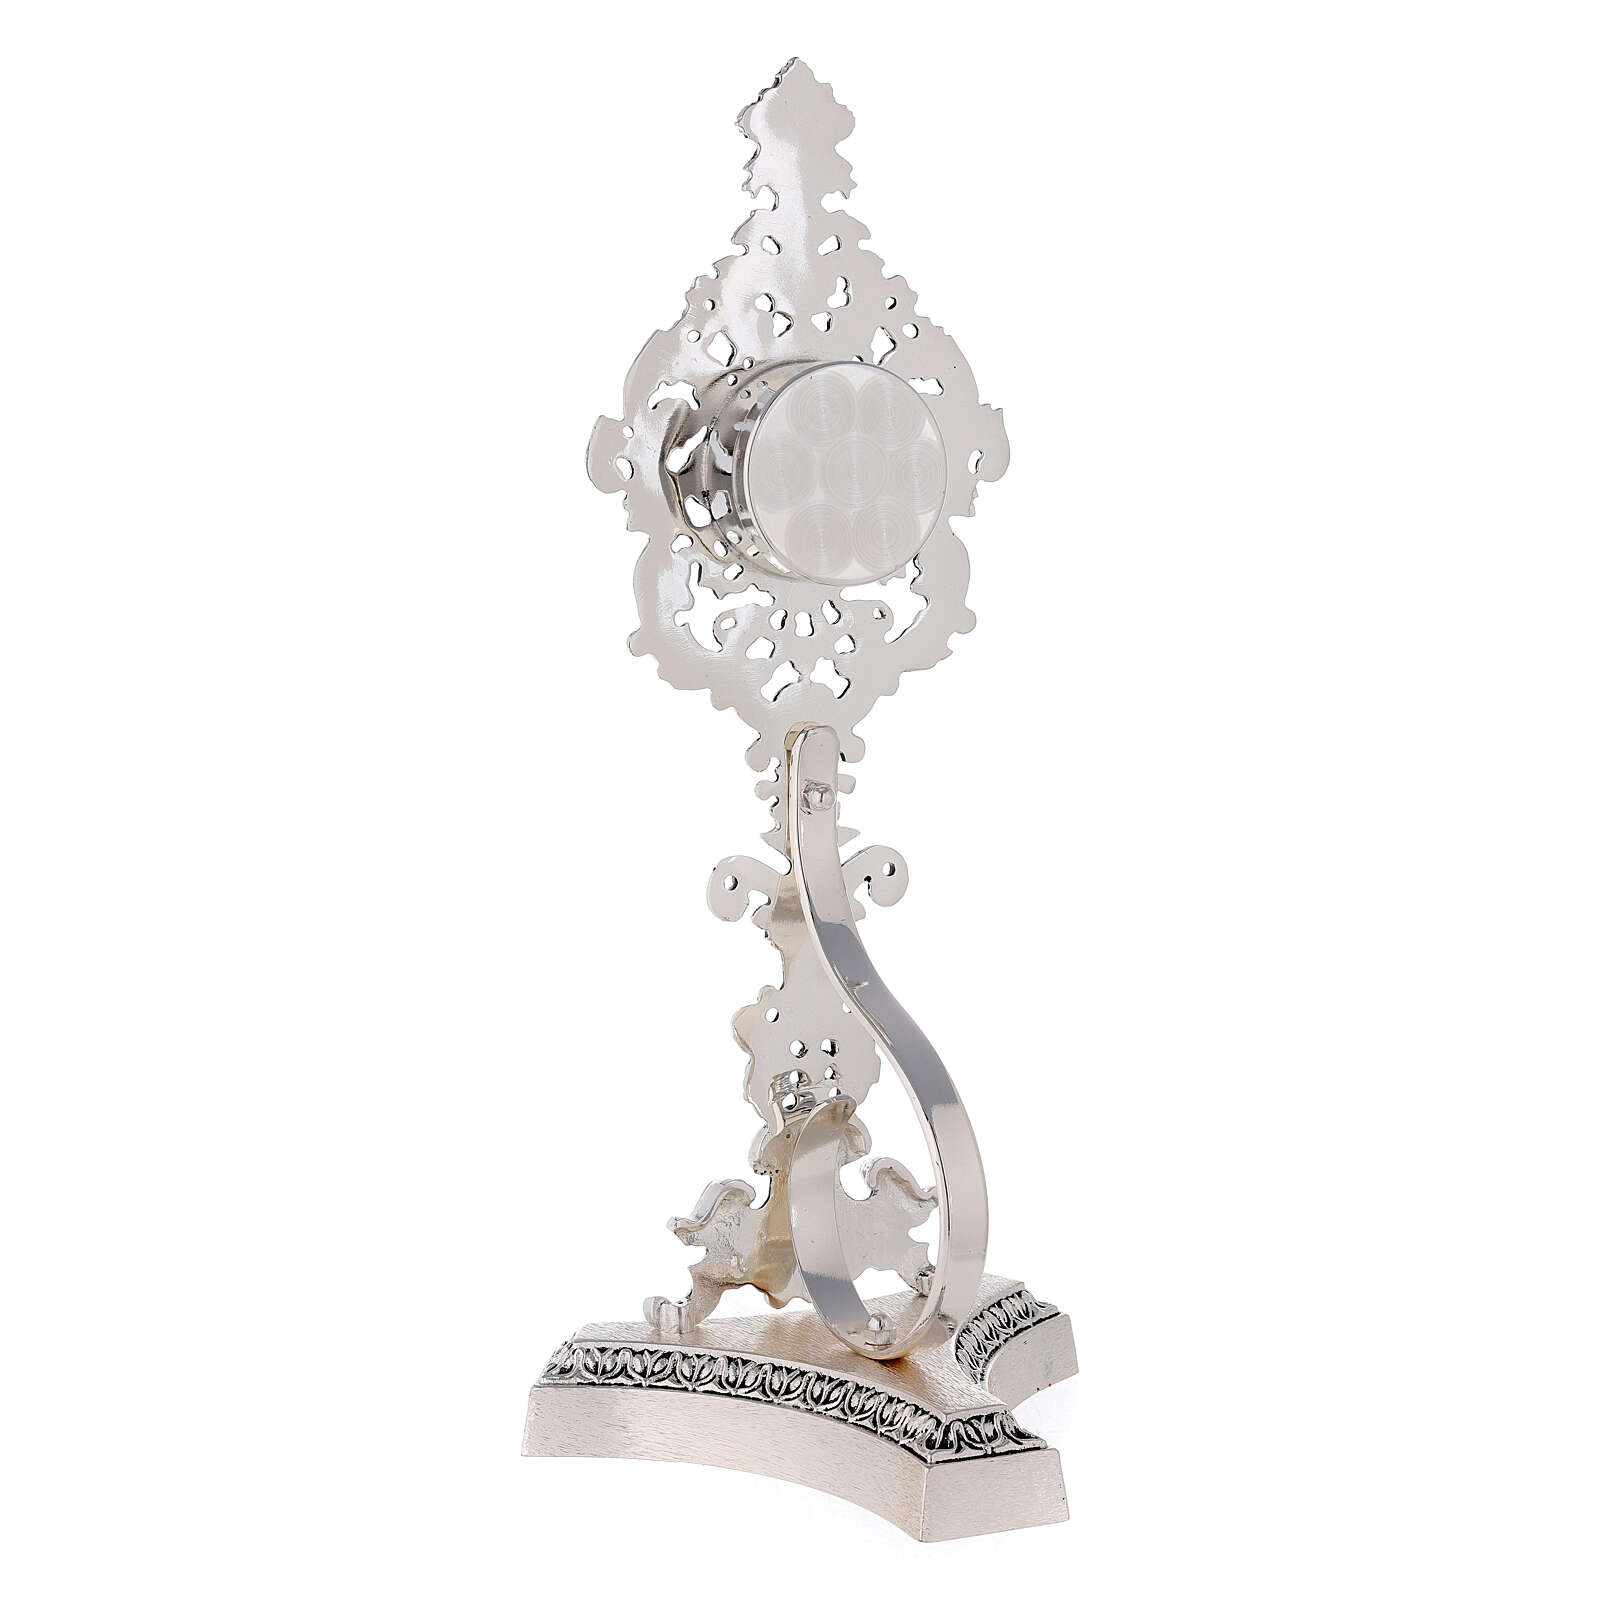 Reliquiario ottone fuso argentato decori floreali 4